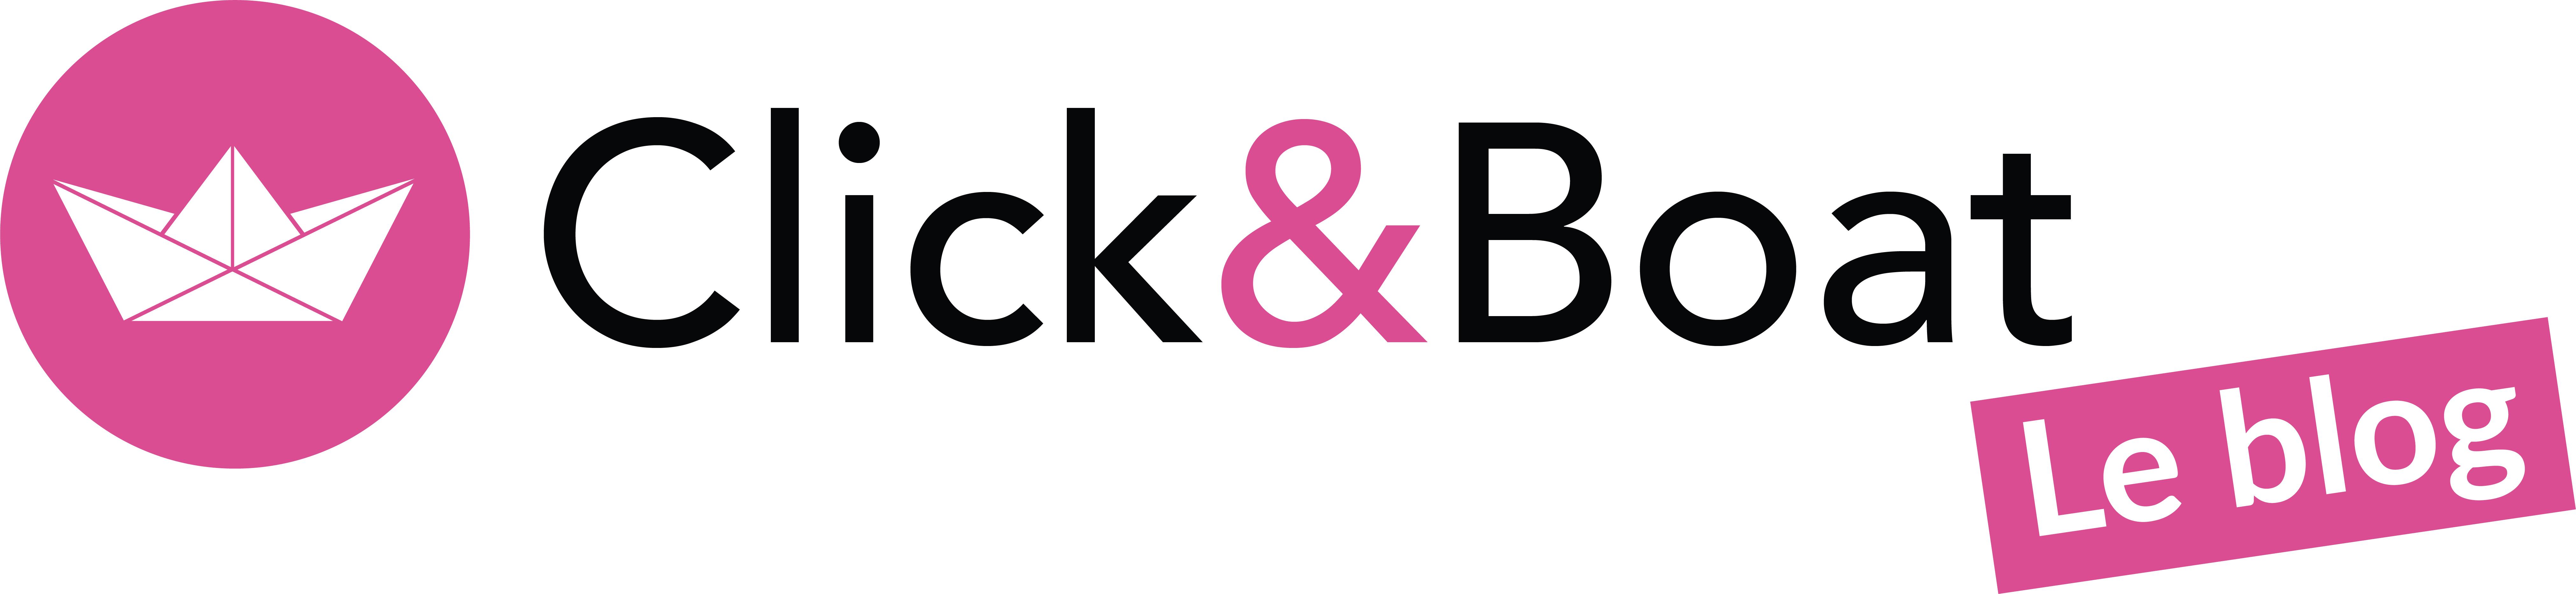 Blog Click&Boat